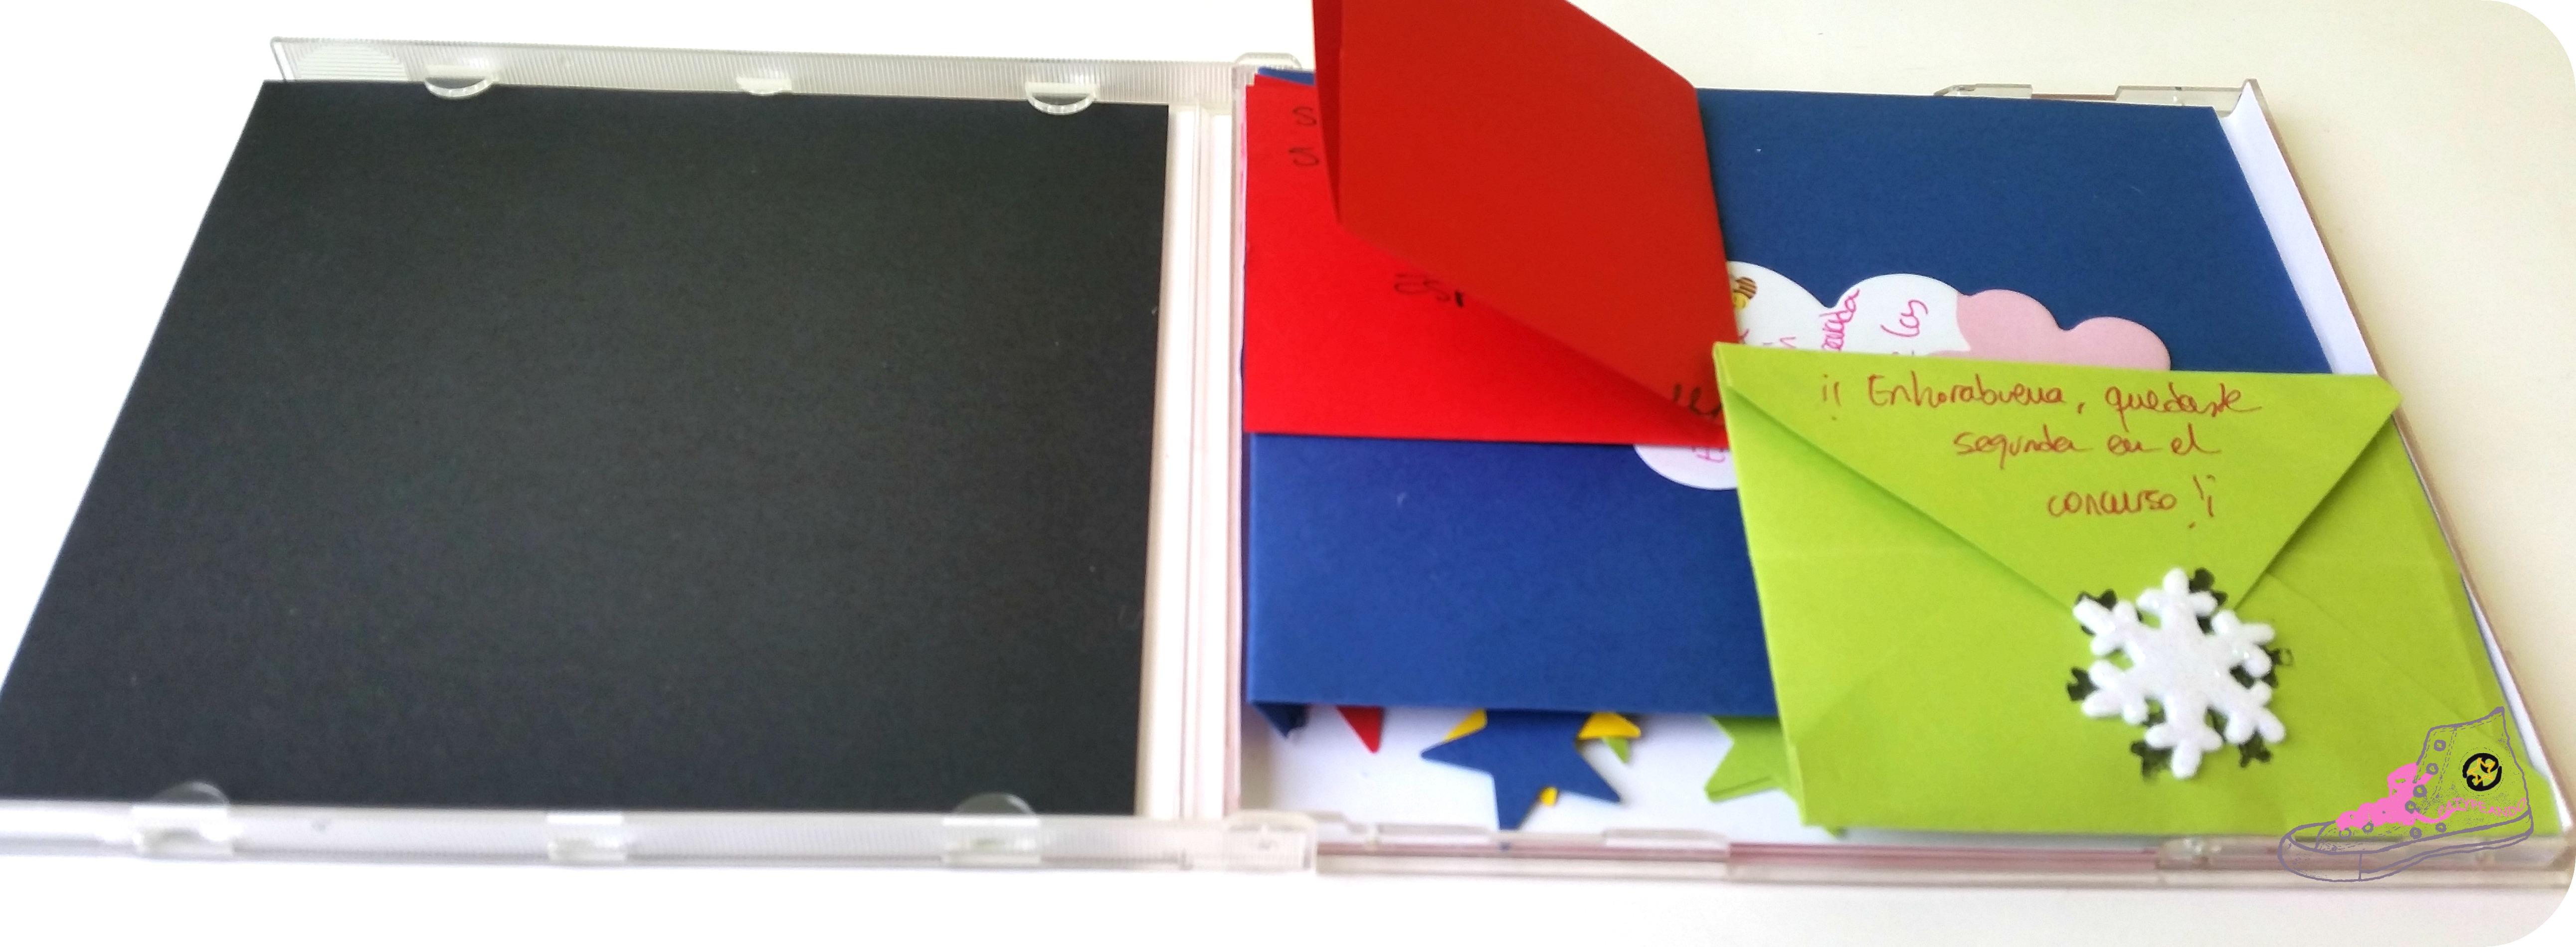 packaging con cajas de cd 2